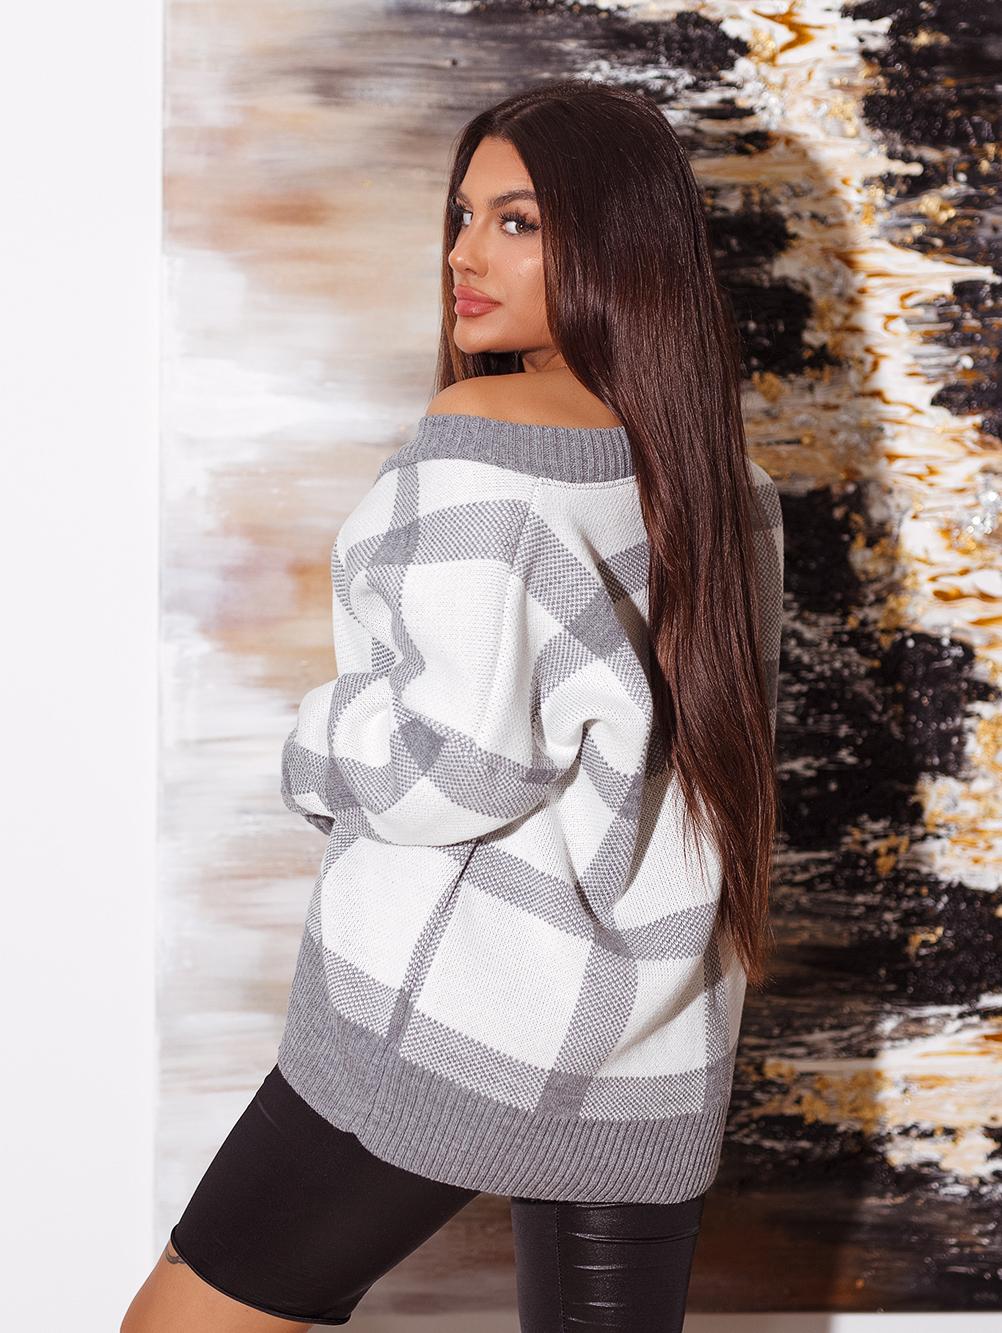 bialo-szary-sweter-damski-z-dekoltem-w-v-w-krate (3)